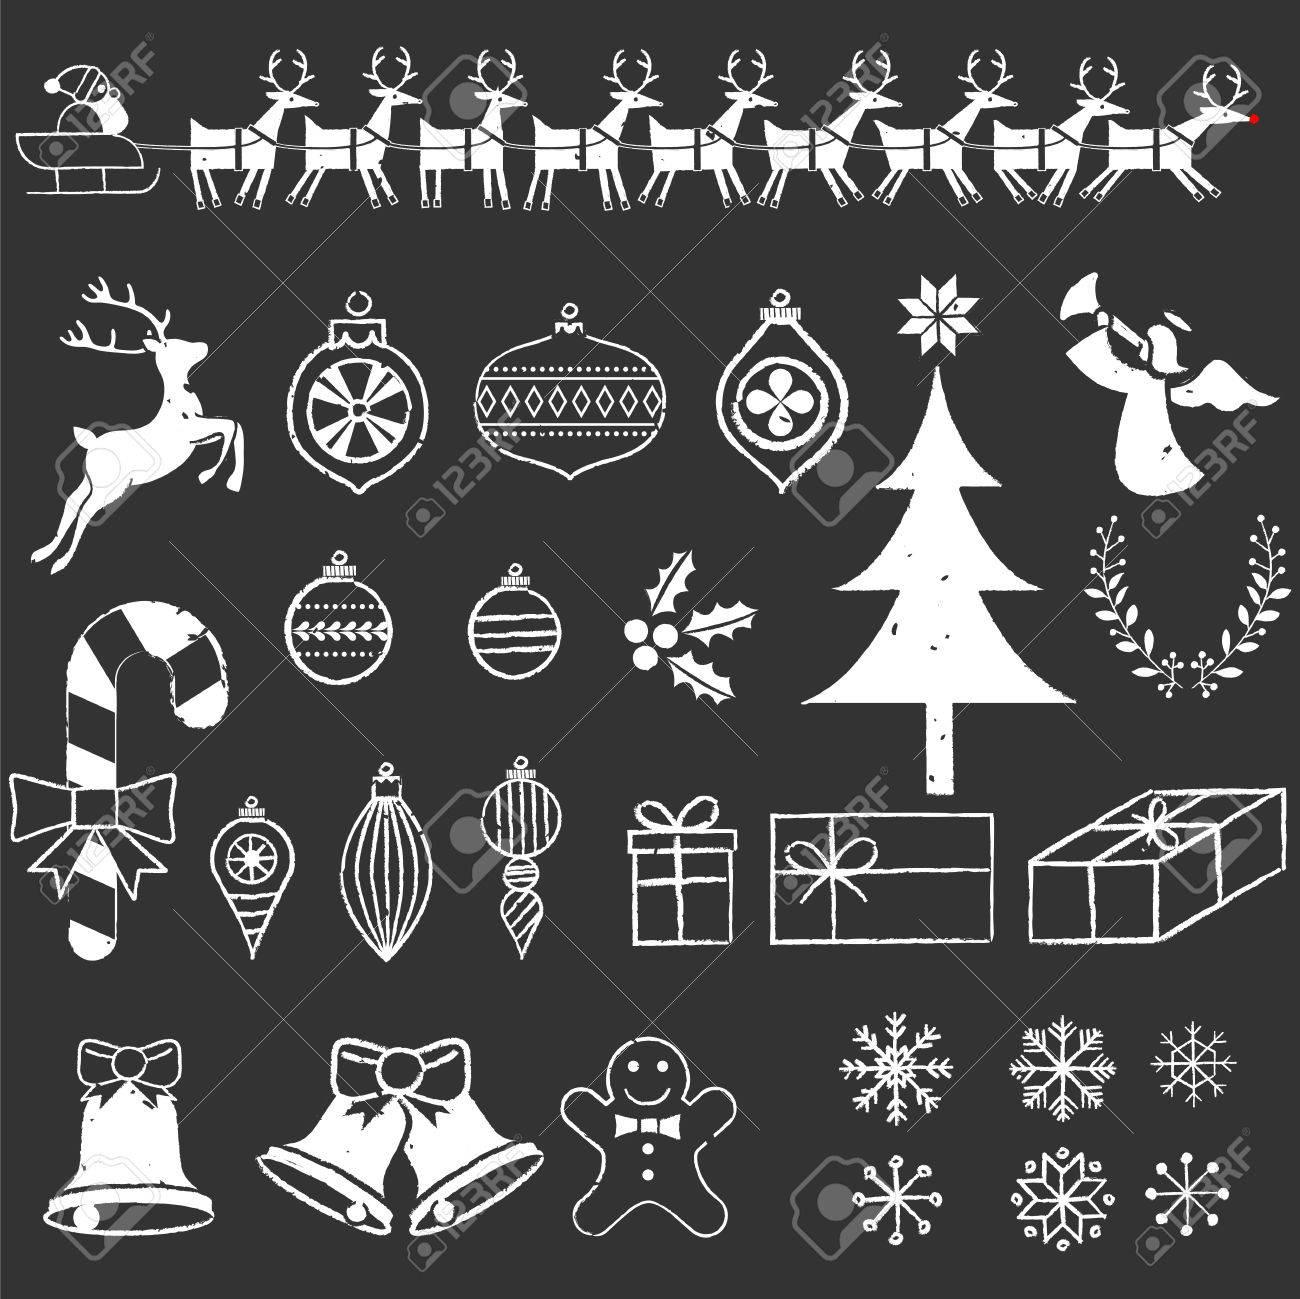 Disegni Di Natale Vettoriali.Lavagna Elements Natale Gesso Disegni Di Natale Disegnati A Mano File E Stratificato Ed Ogni Oggetto E Raggruppato Per Un Facile Montaggio